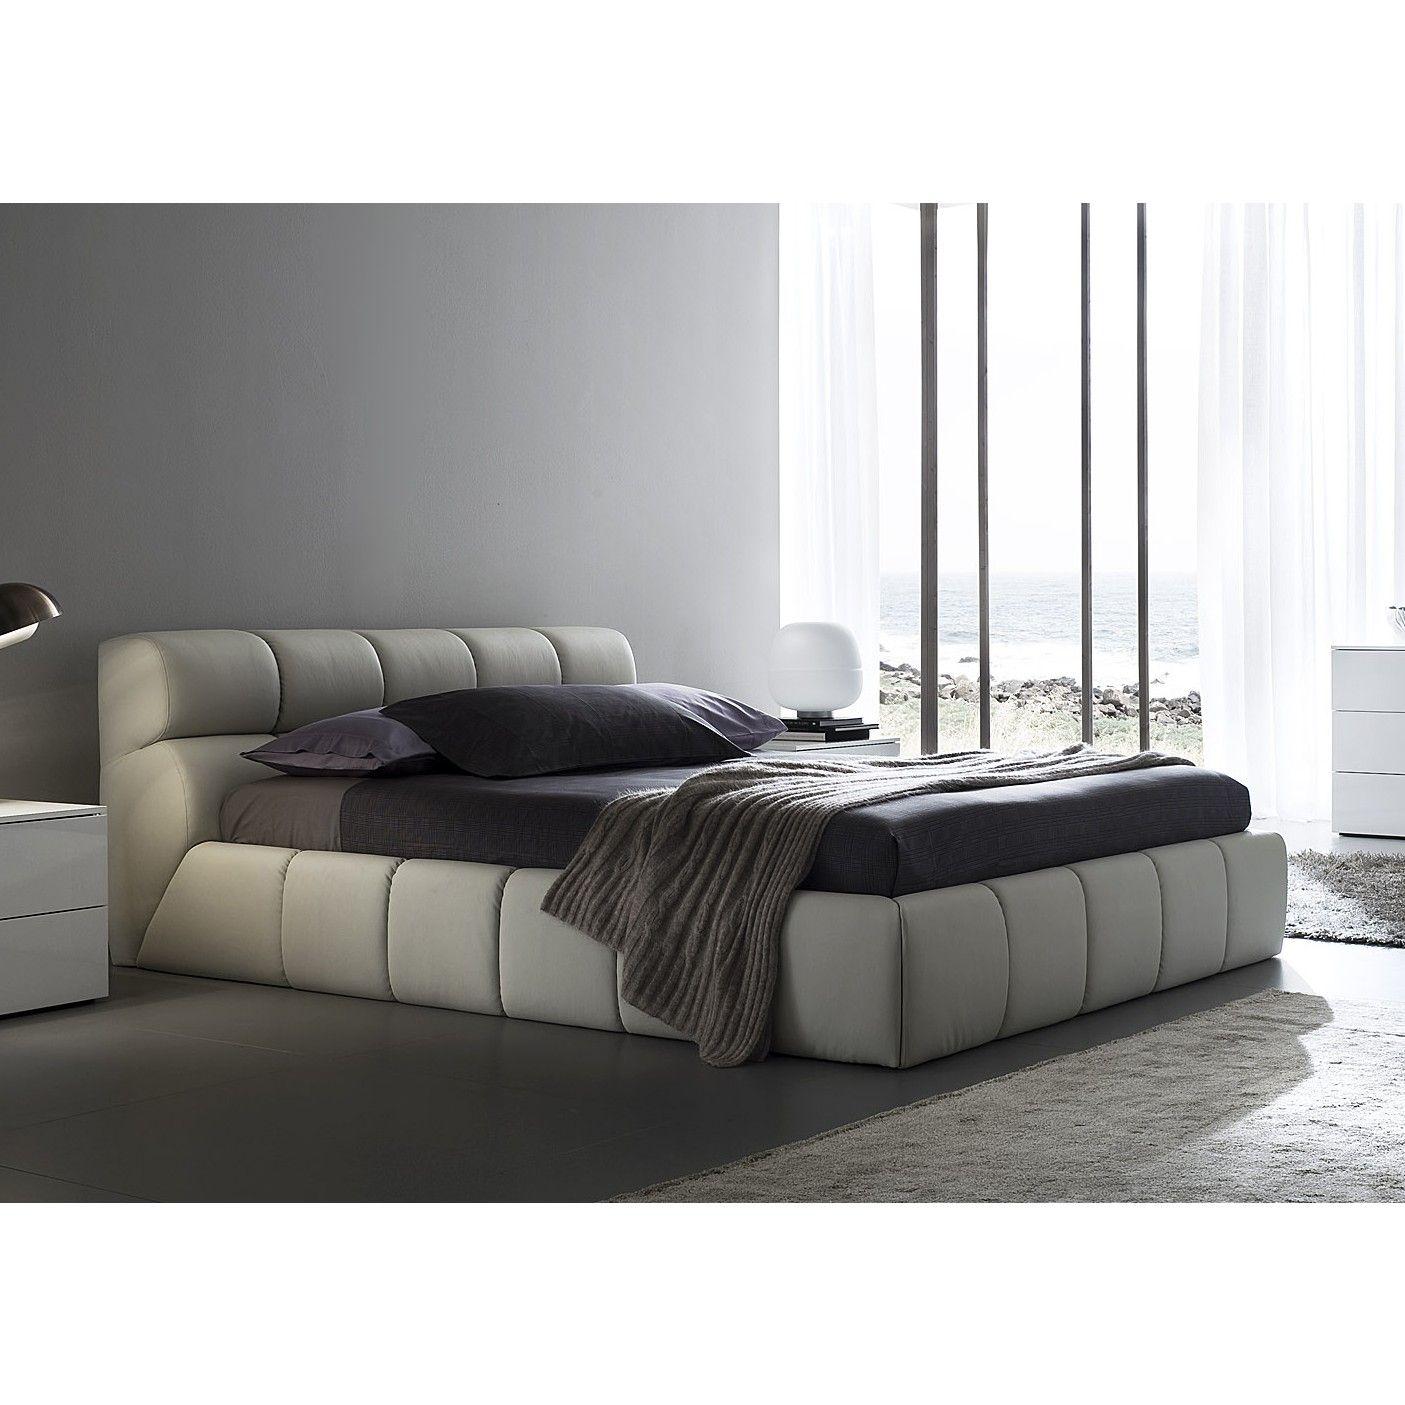 Möbel Bett Frames, King Bett, Rahmen Und Matratze, Metall Niedrige  Plattform Bett Bed